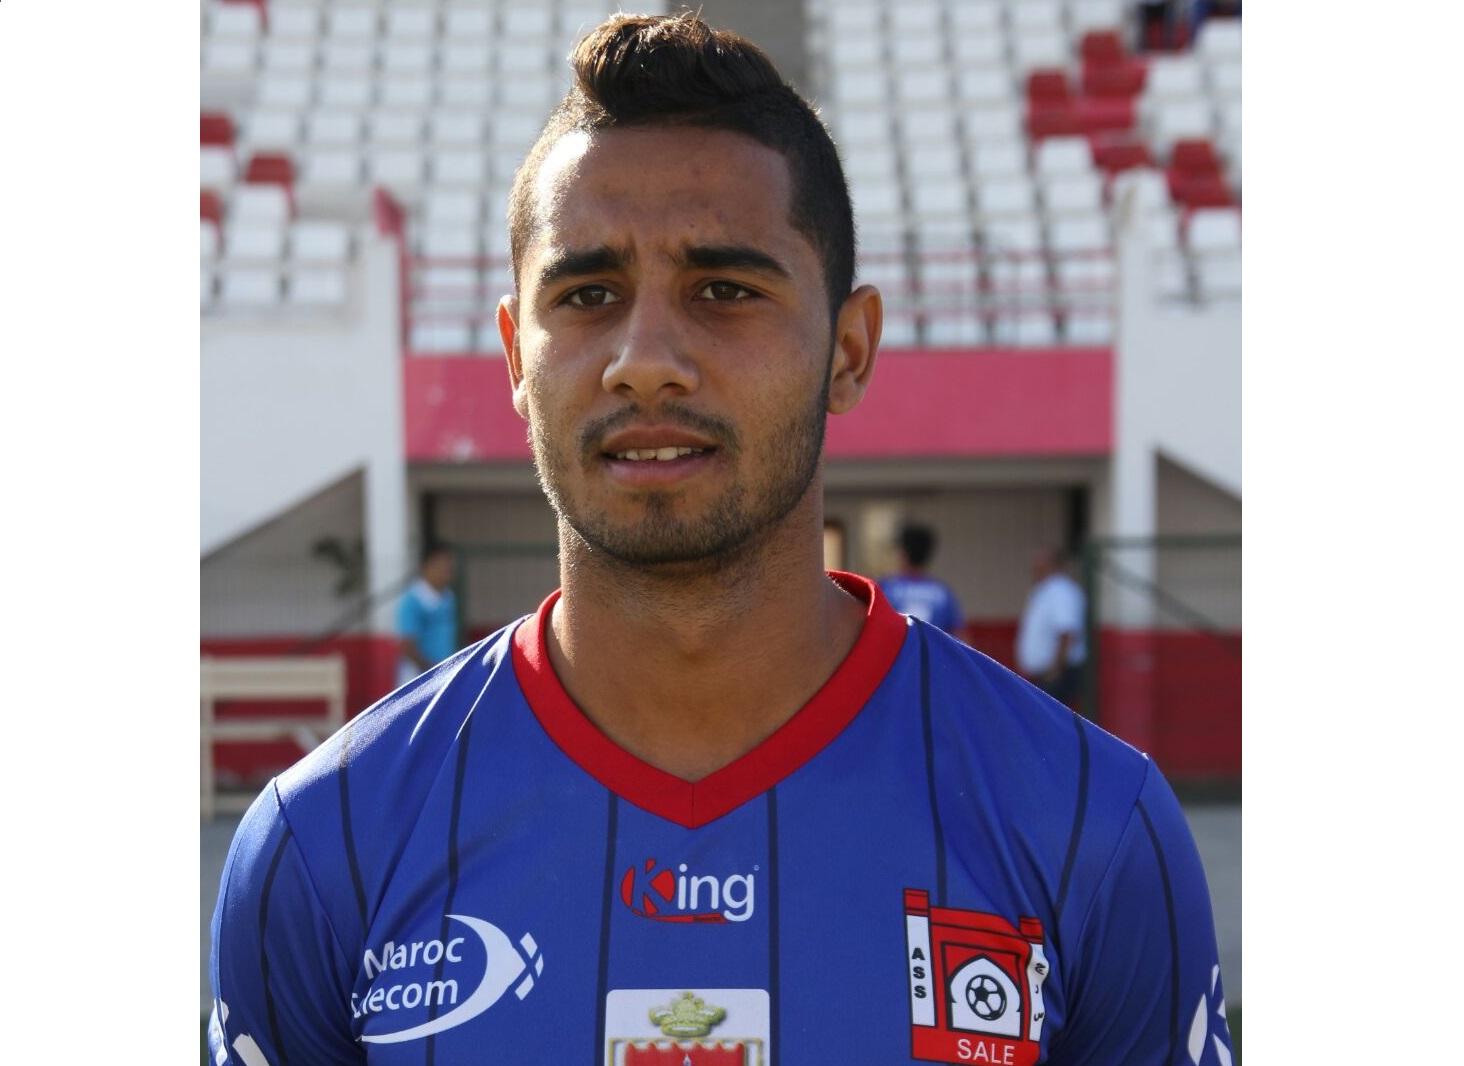 لاعب جديدي سابق يجر  فريق مغربي عريق الى القضاء بتهمة التزوير والنصب